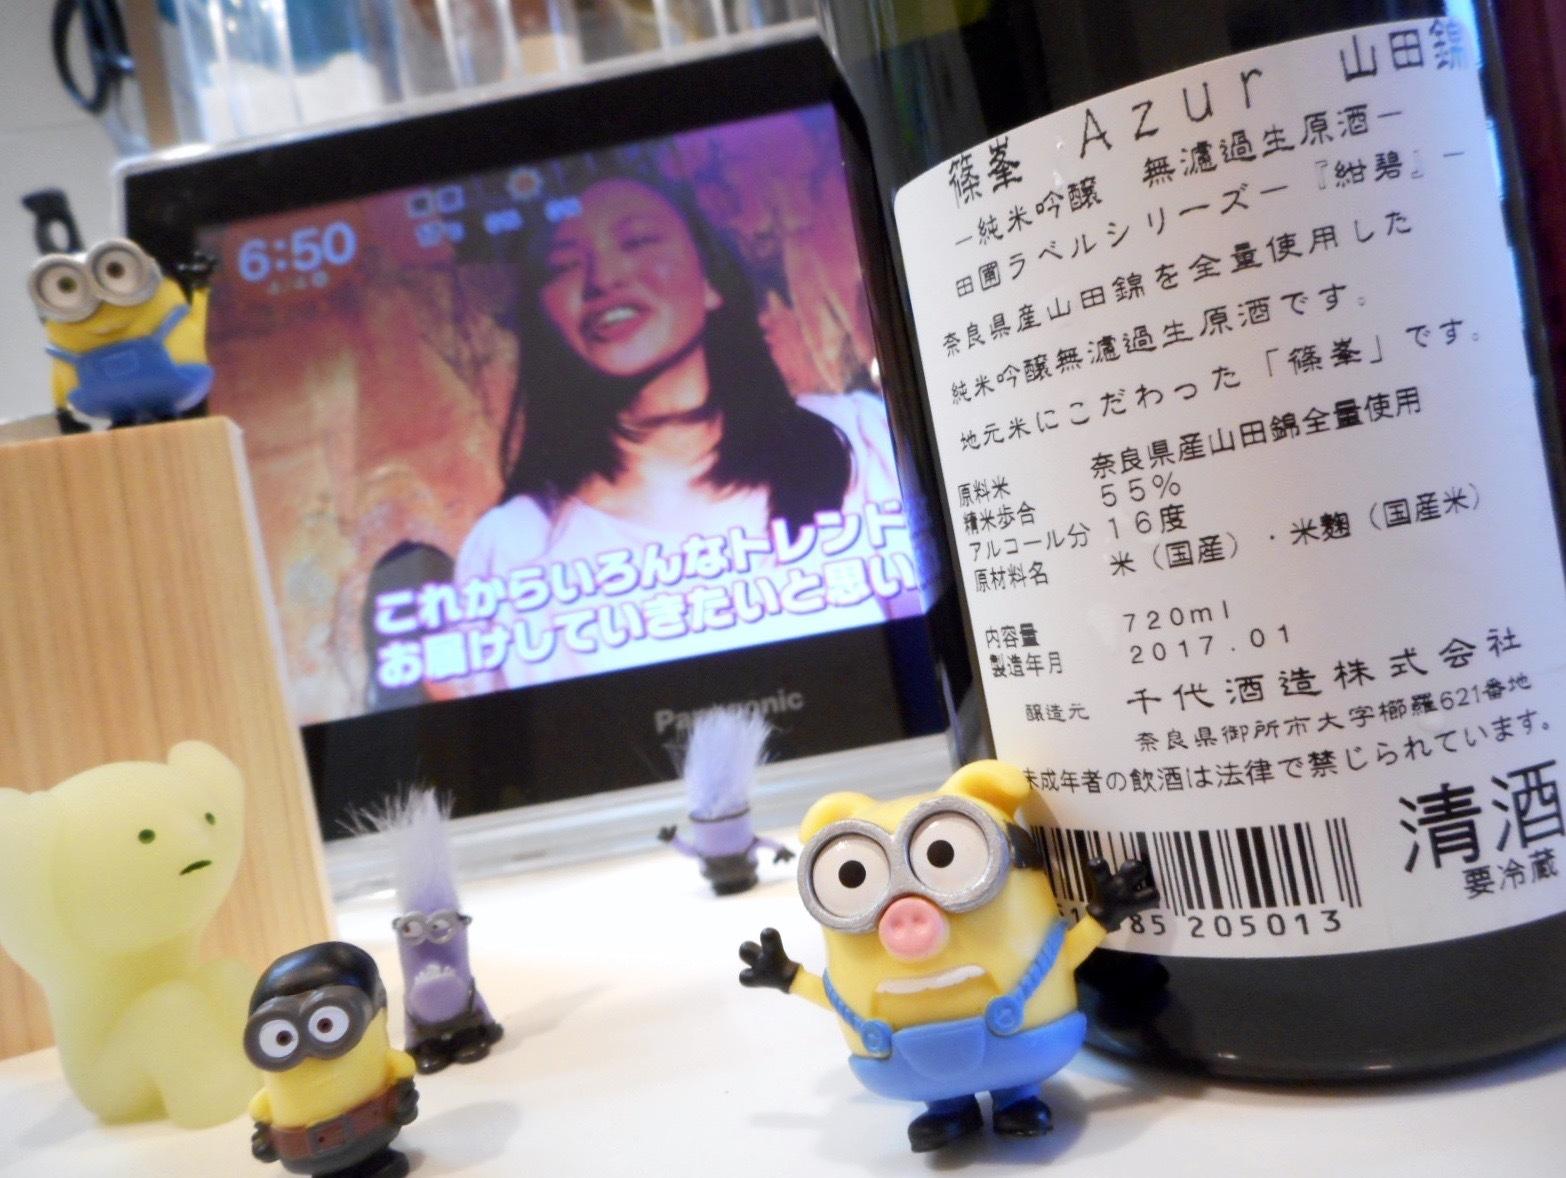 shinomine_azur_nama28by2.jpg